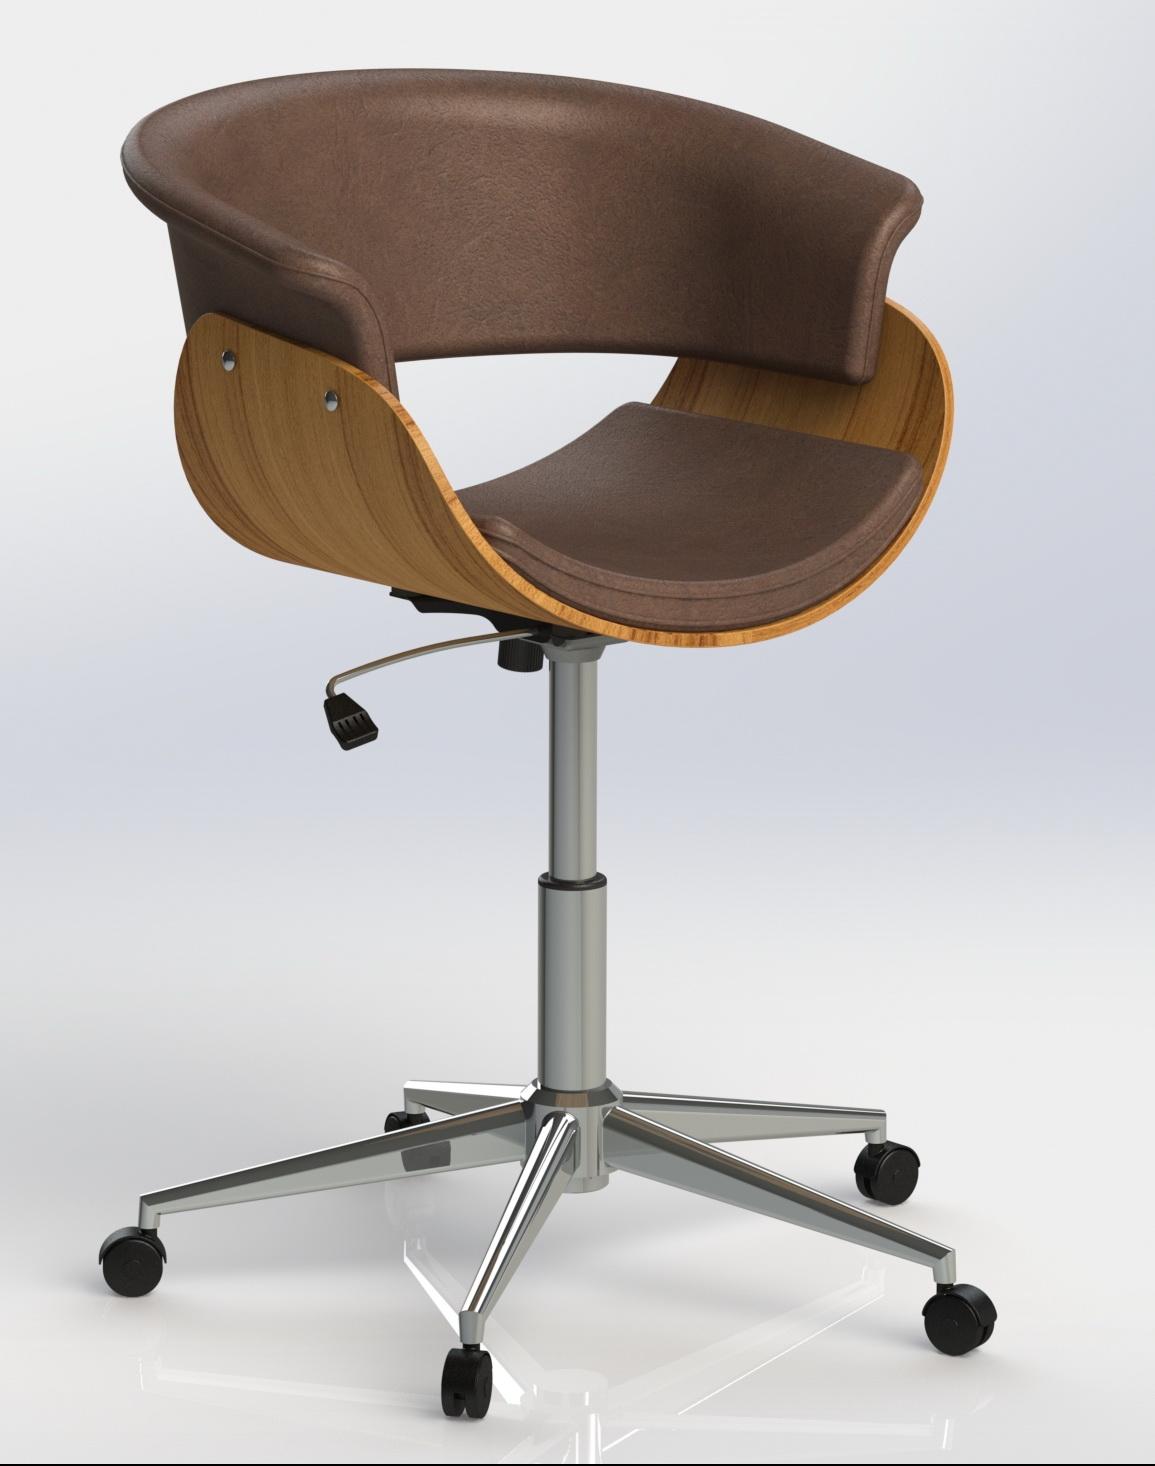 滚轮升降休闲椅子模型3D图纸 STEP格式